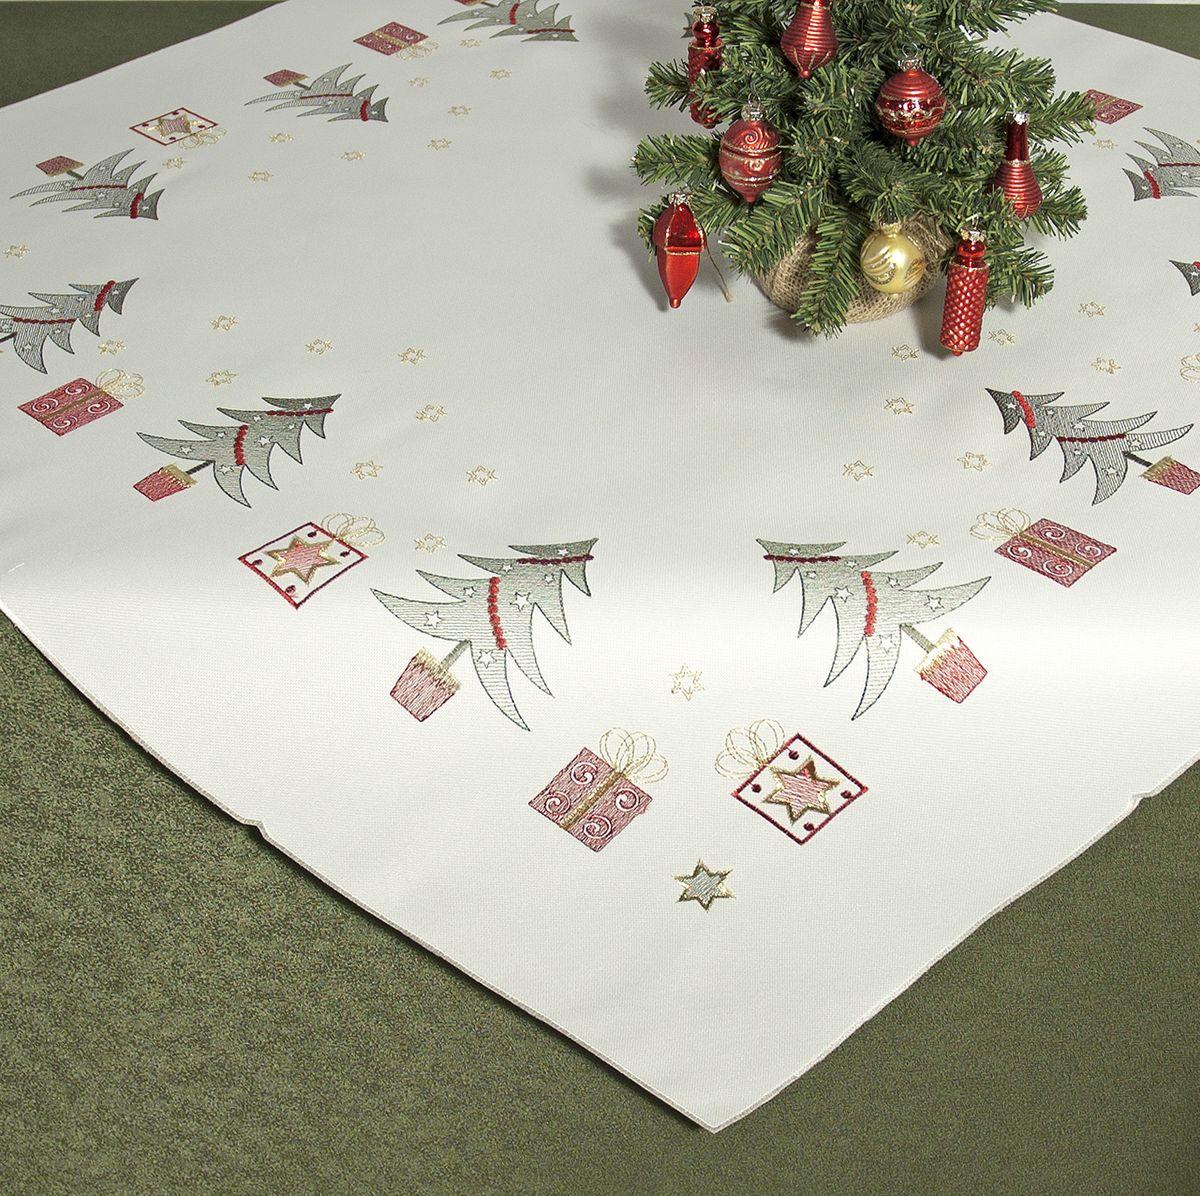 Скатерть Schaefer, квадратная, цвет: молочный, зеленый, красный, 85 x 85 см 07448-10007448-100Квадратная скатерть Schaefer, выполненная из полиэстера, станет украшением новогоднего стола. Изделие декорировано оригинальной вышивкой с новогодними мотивами. За текстилем из полиэстера очень легко ухаживать: он легко стирается, не мнется, не садится и быстро сохнет, более долговечен, чем текстиль из натуральных волокон. Использование такой скатерти сделает застолье торжественным, поднимет настроение гостей и приятно удивит их вашим изысканным вкусом. Это текстильное изделие станет изысканным украшением вашего дома!